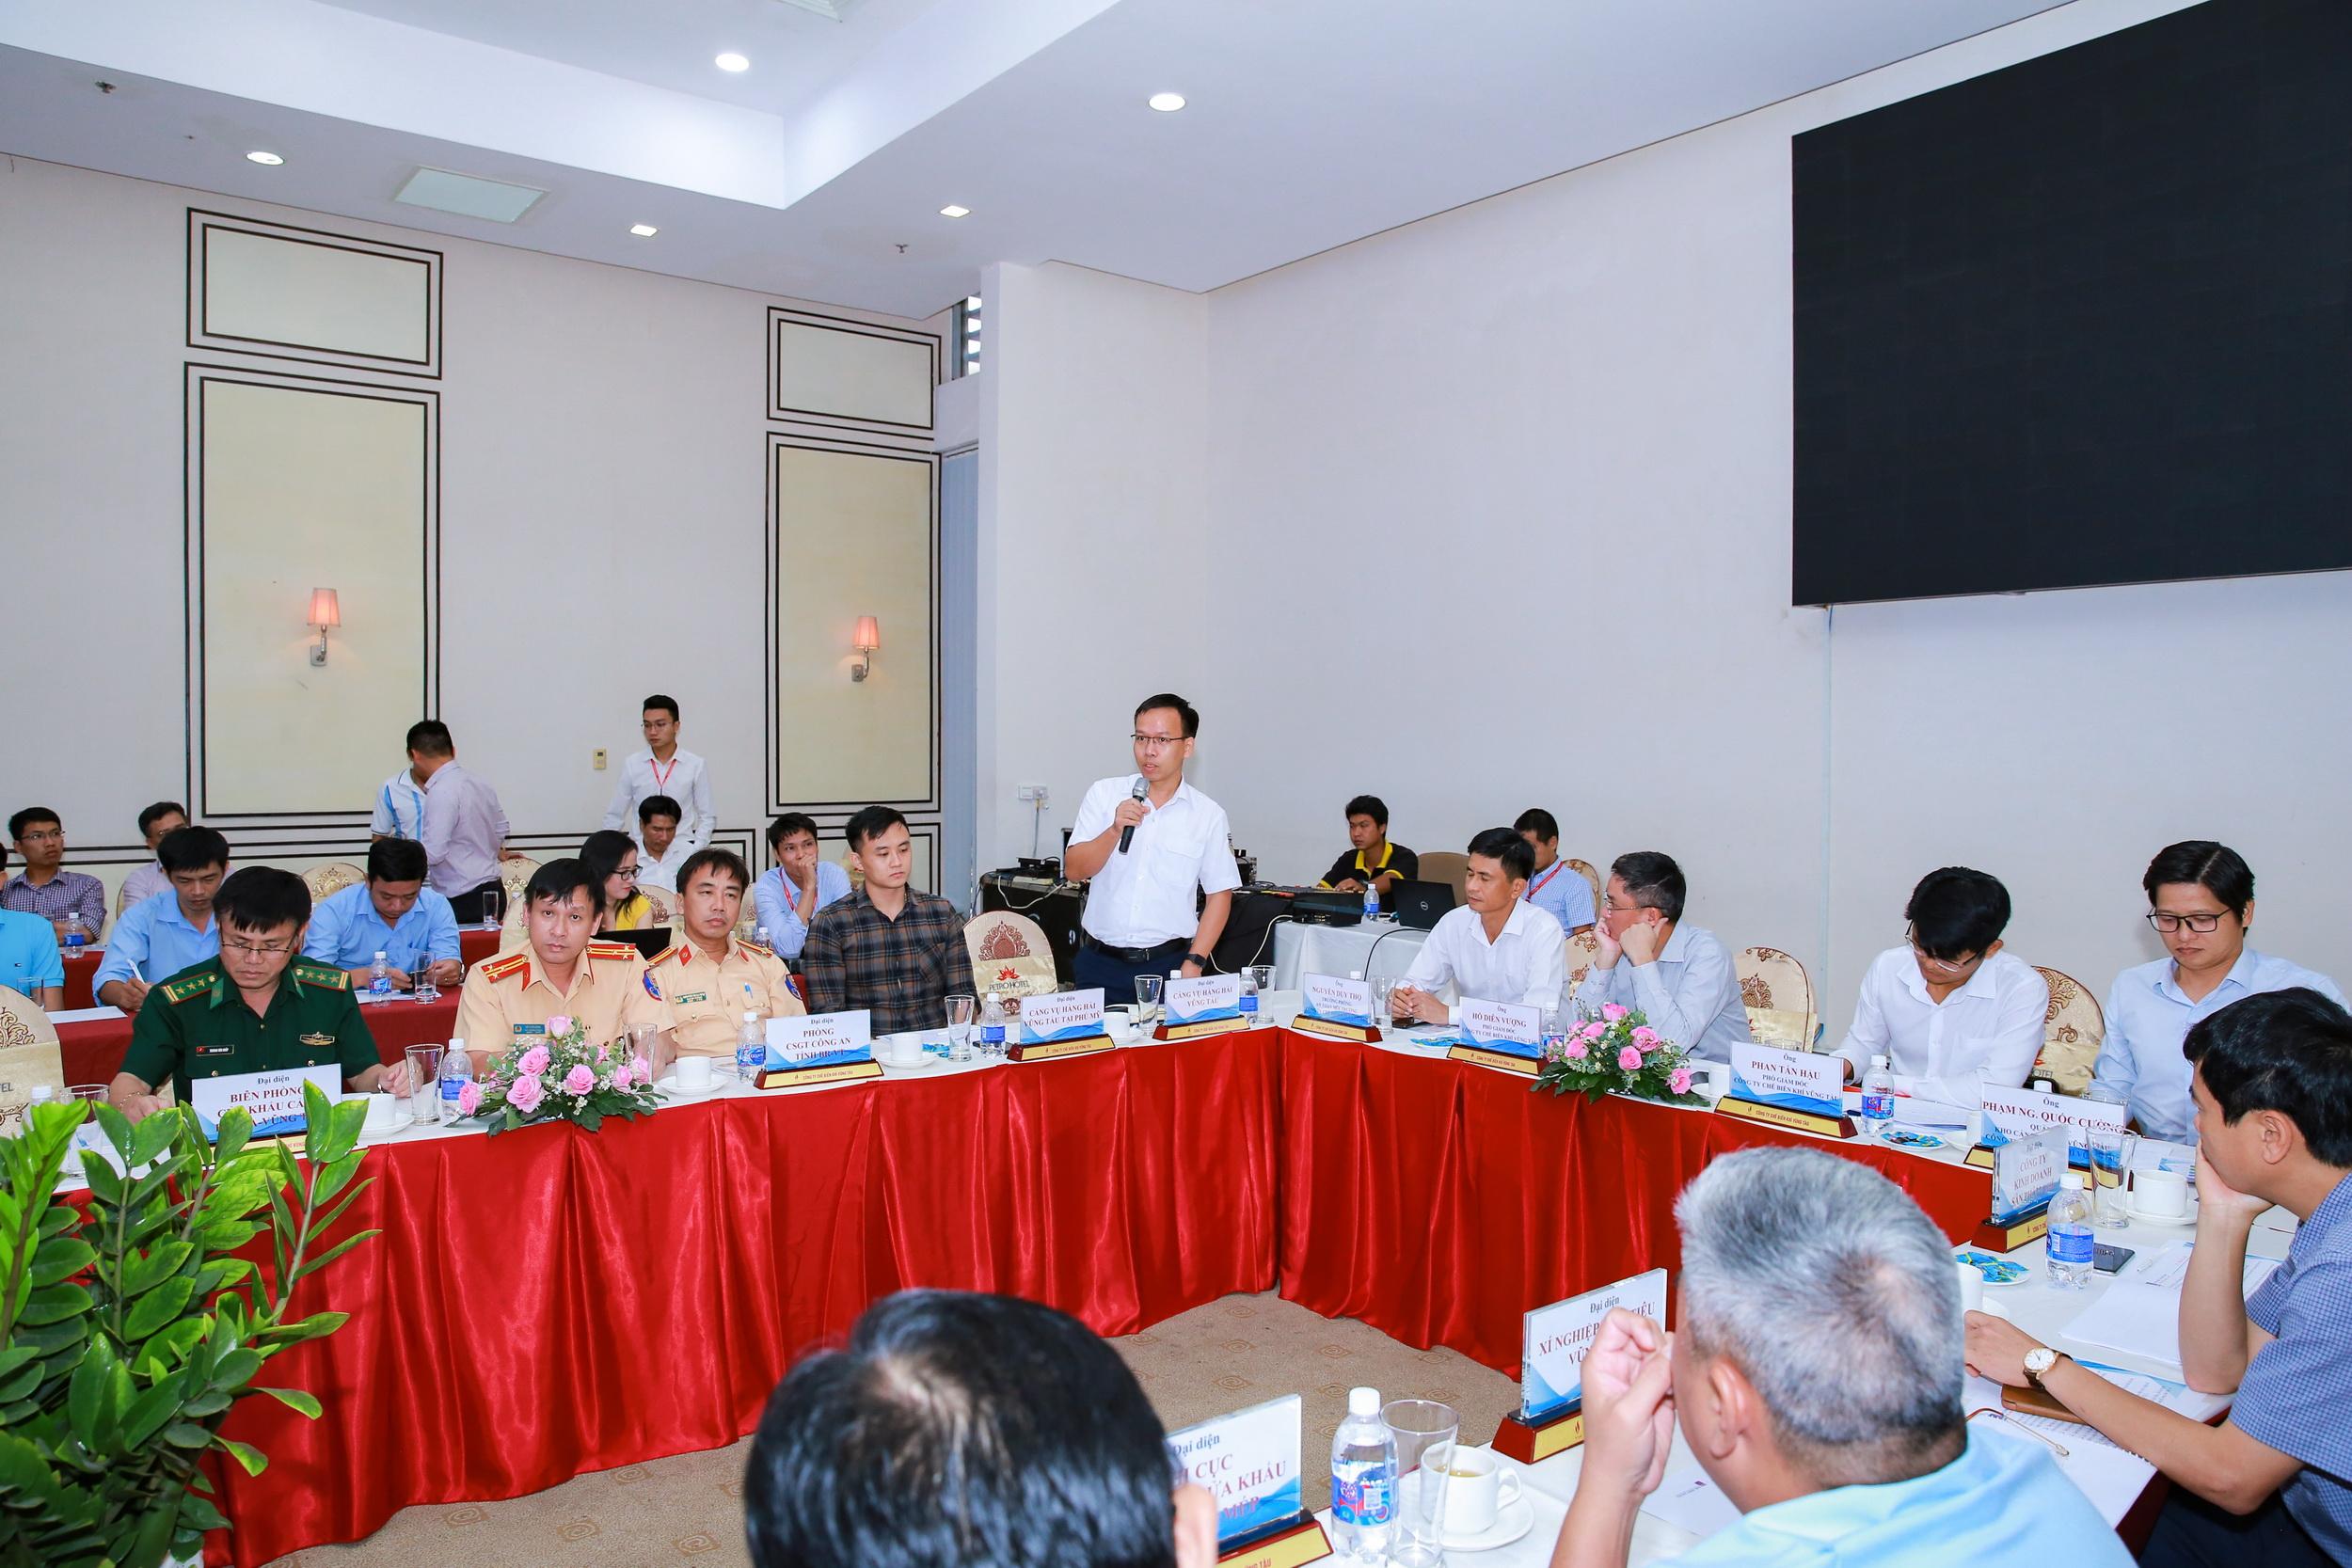 Hội thảo diễn ra khẩn trương, hiệu quả, hợp tác